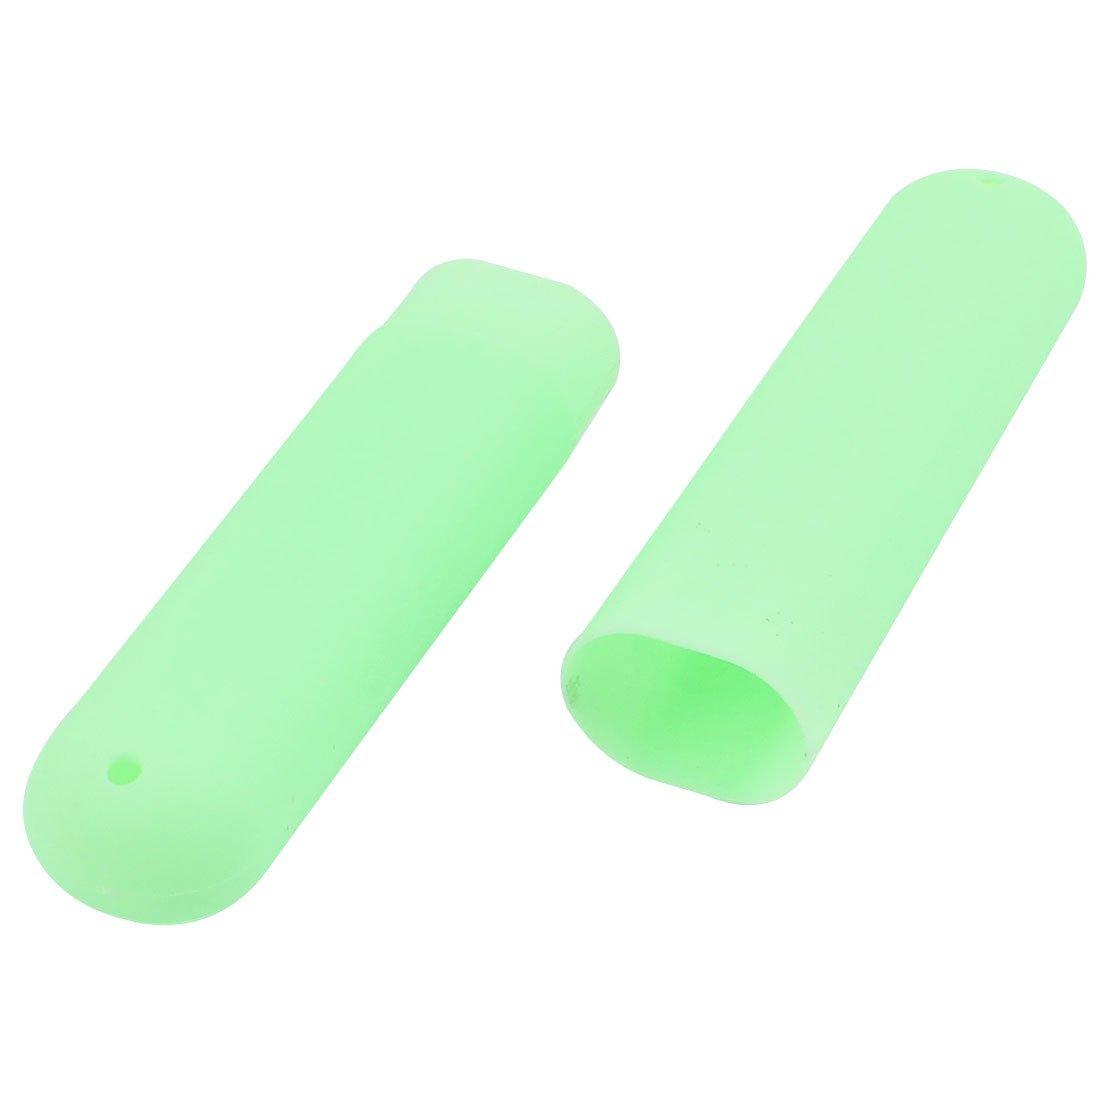 Amazon.com: eDealMax Portable plástica del cepillo de dientes Palillos del organizador del caso del Protector Verde: Health & Personal Care